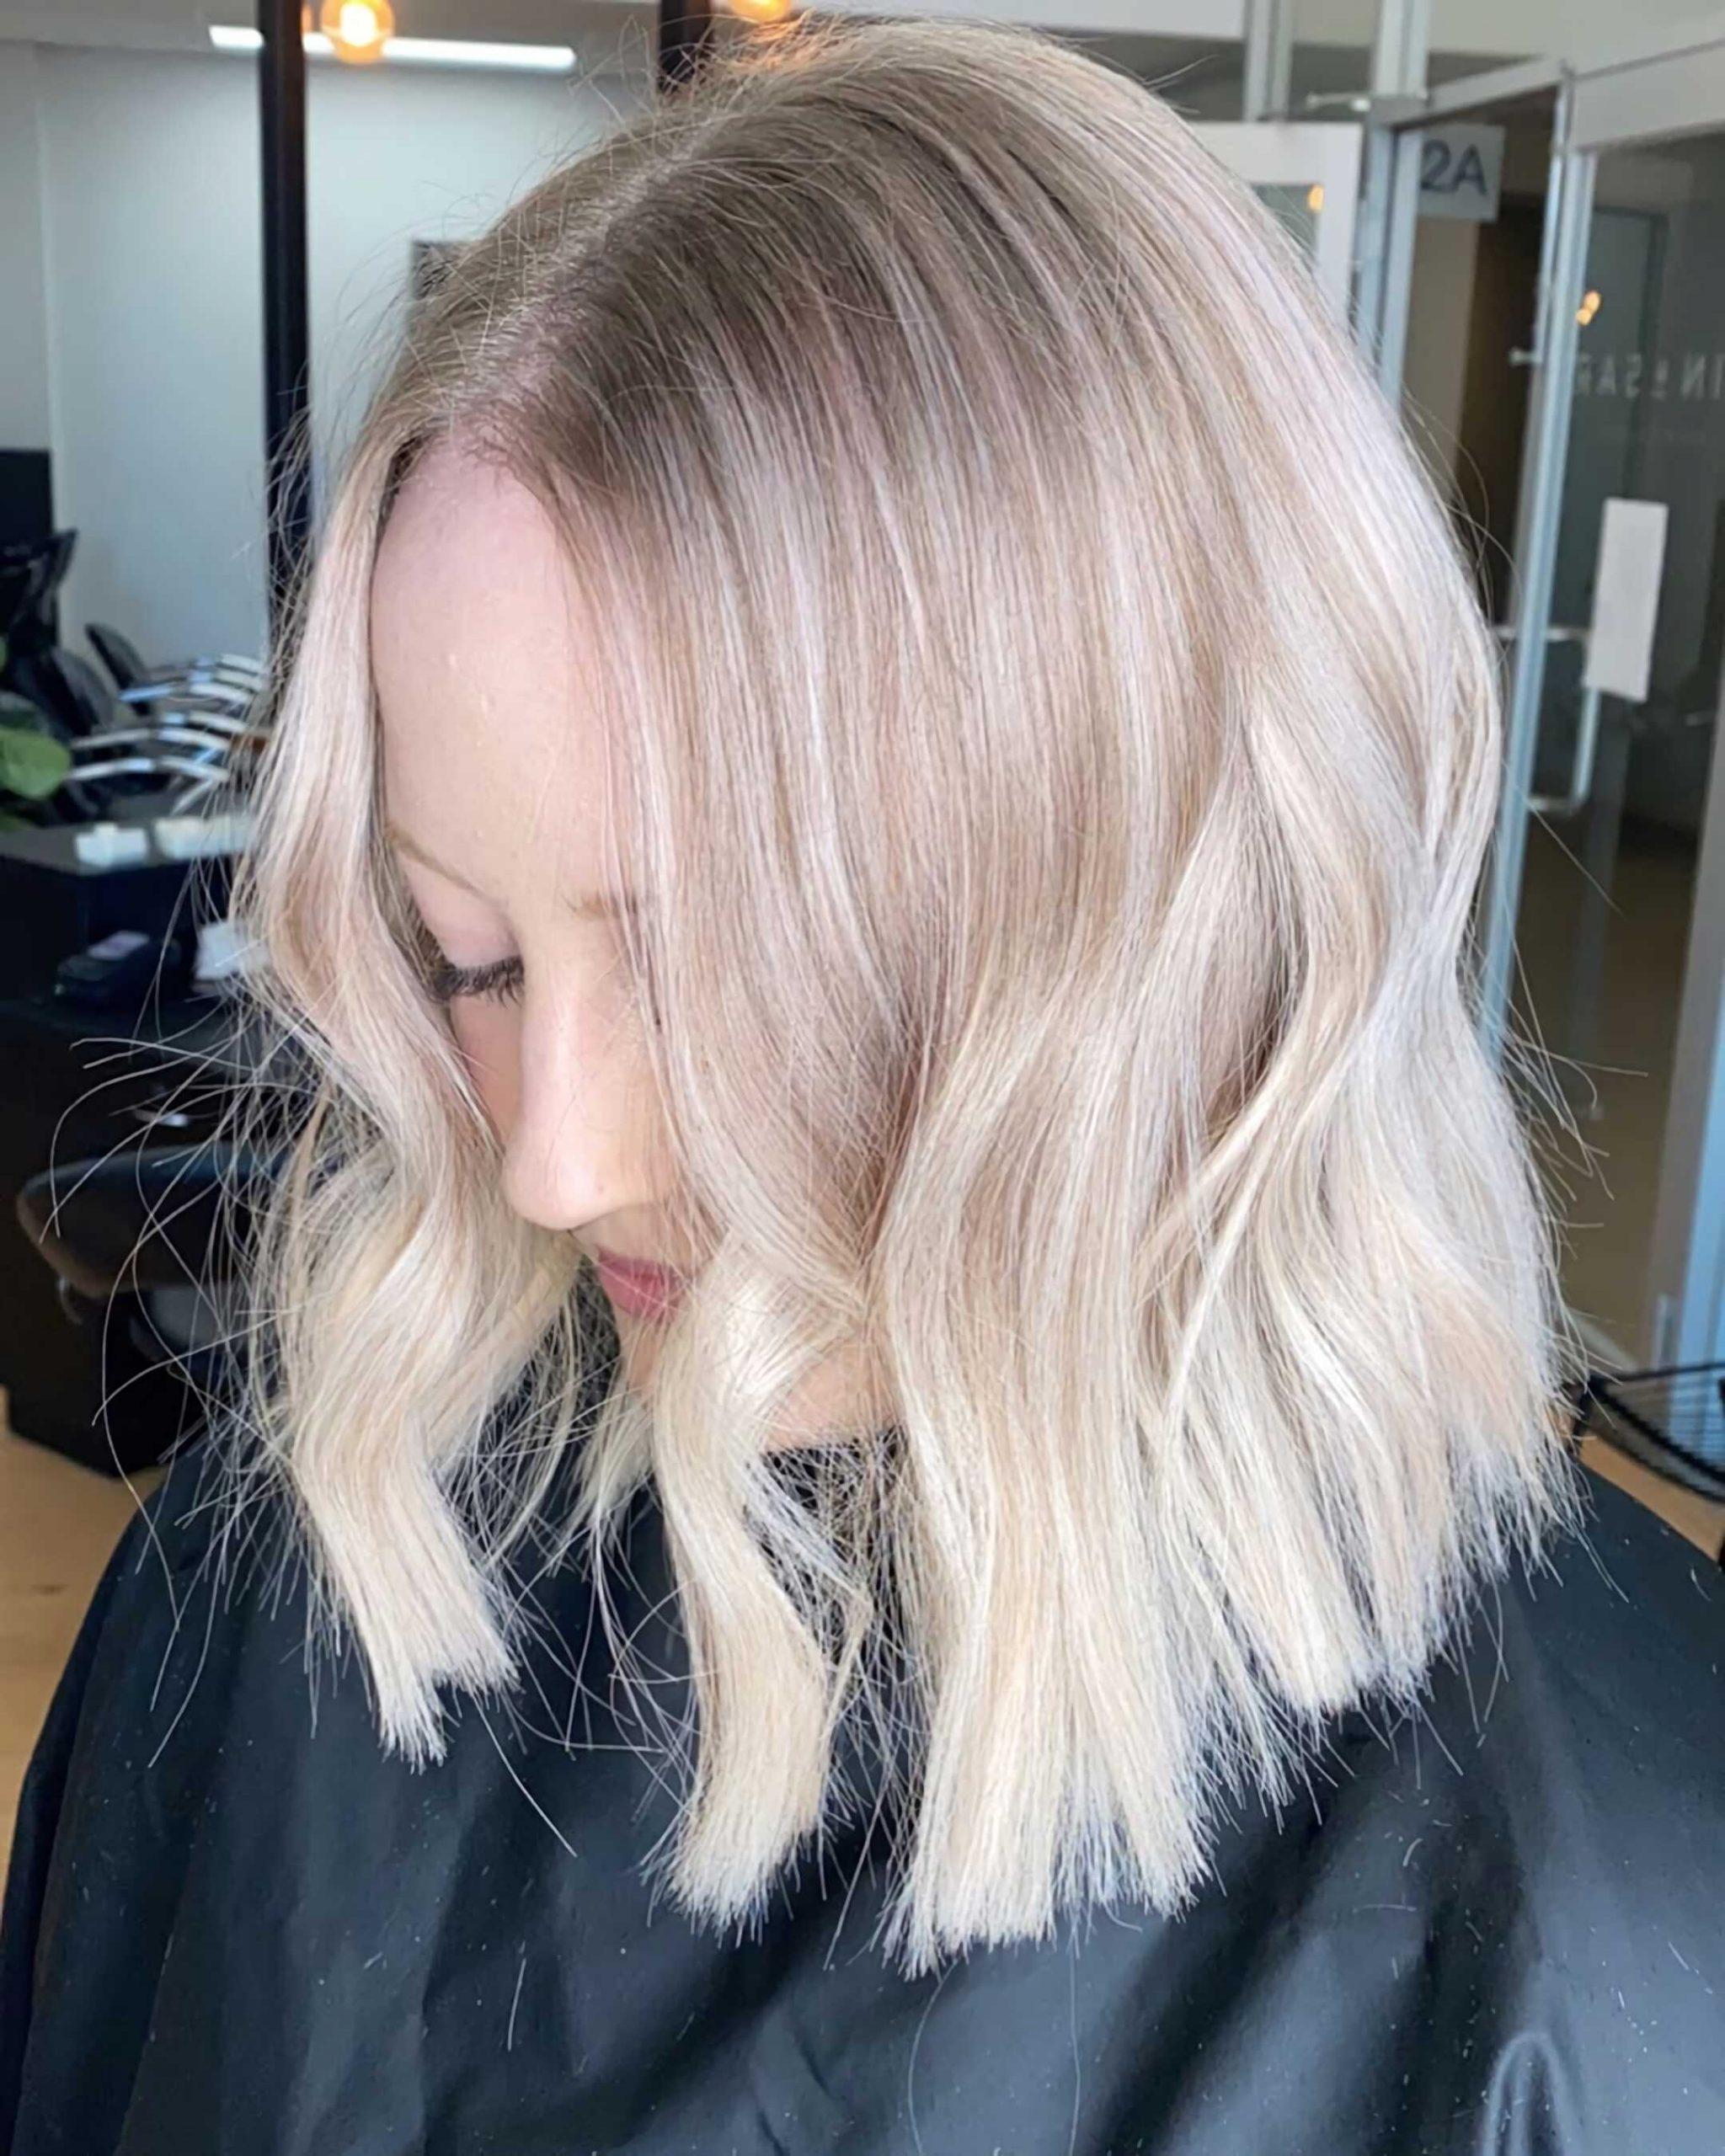 градуированный боб каре на тонкие волосы